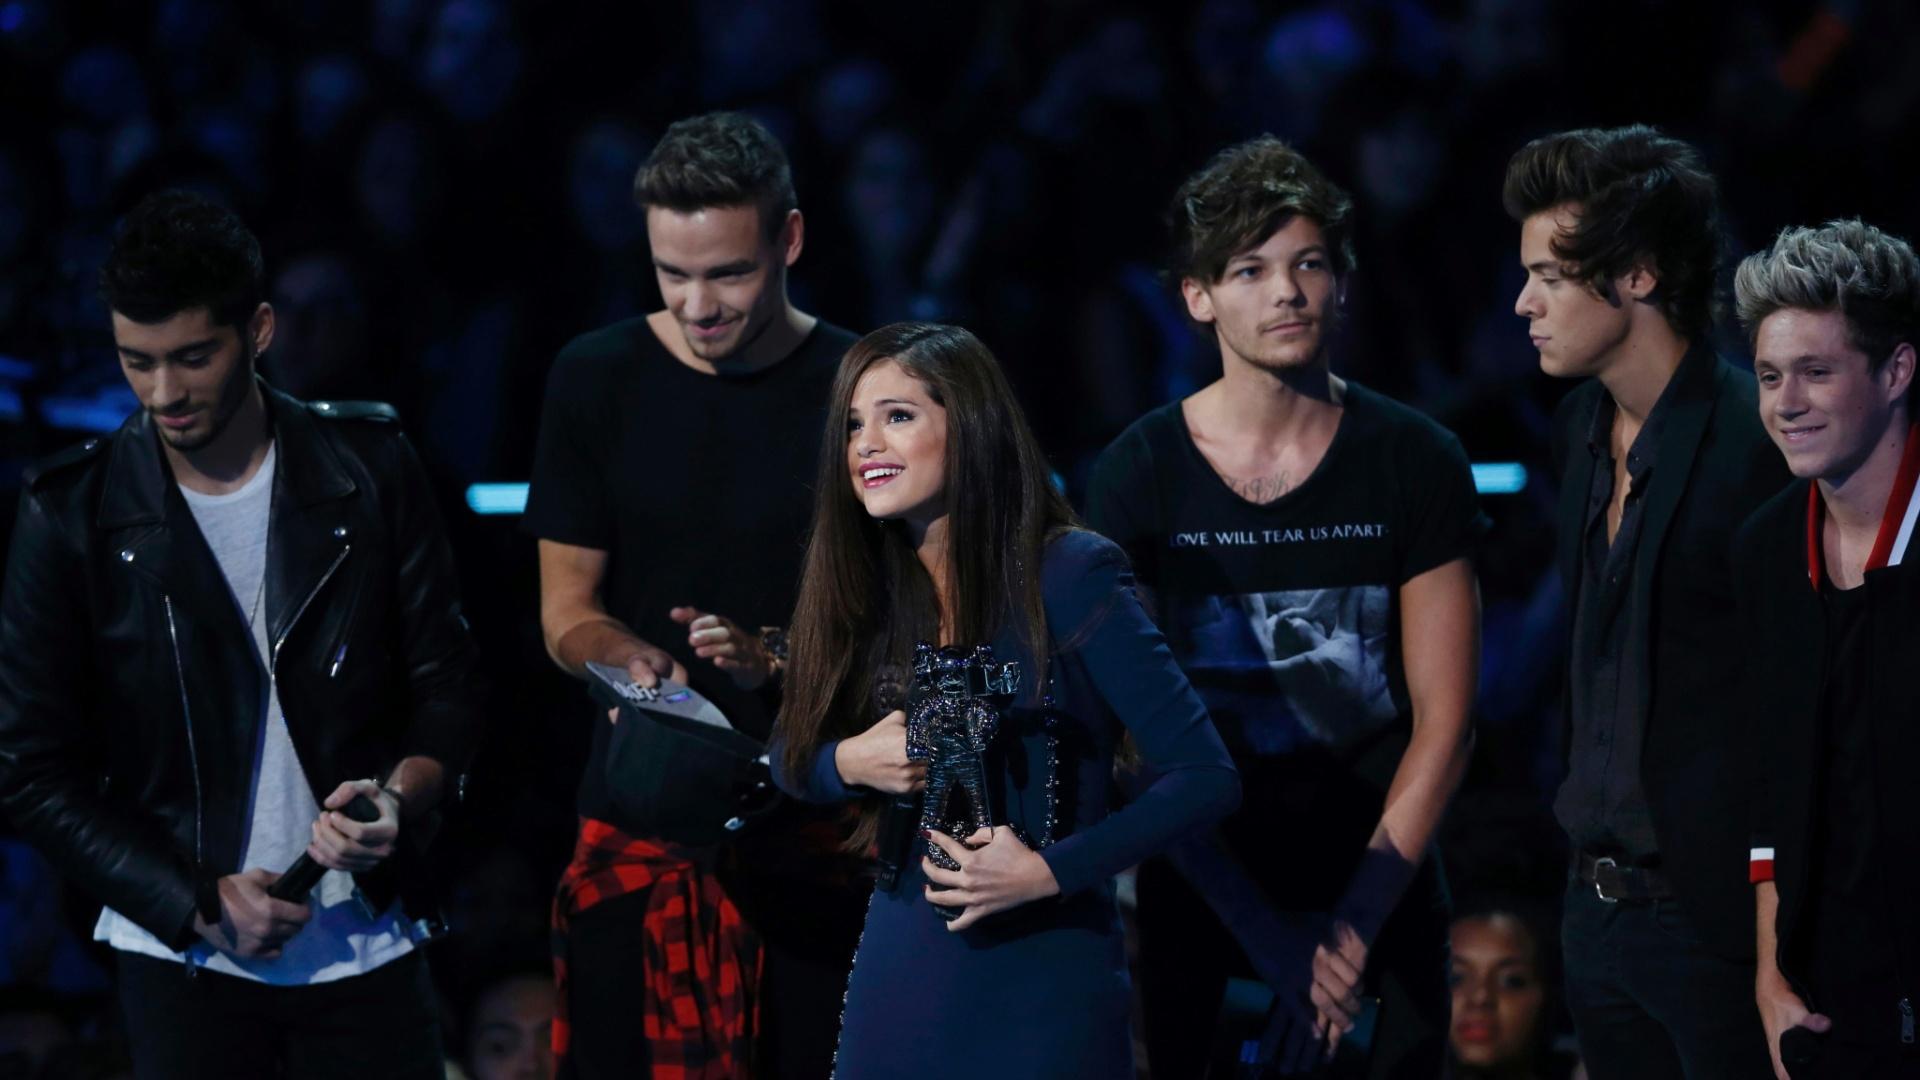 25.ago.2013 - Selena Gomez recebe o prêmio de melhor clipe de pop das mãos do One Direction no Video Music Awards